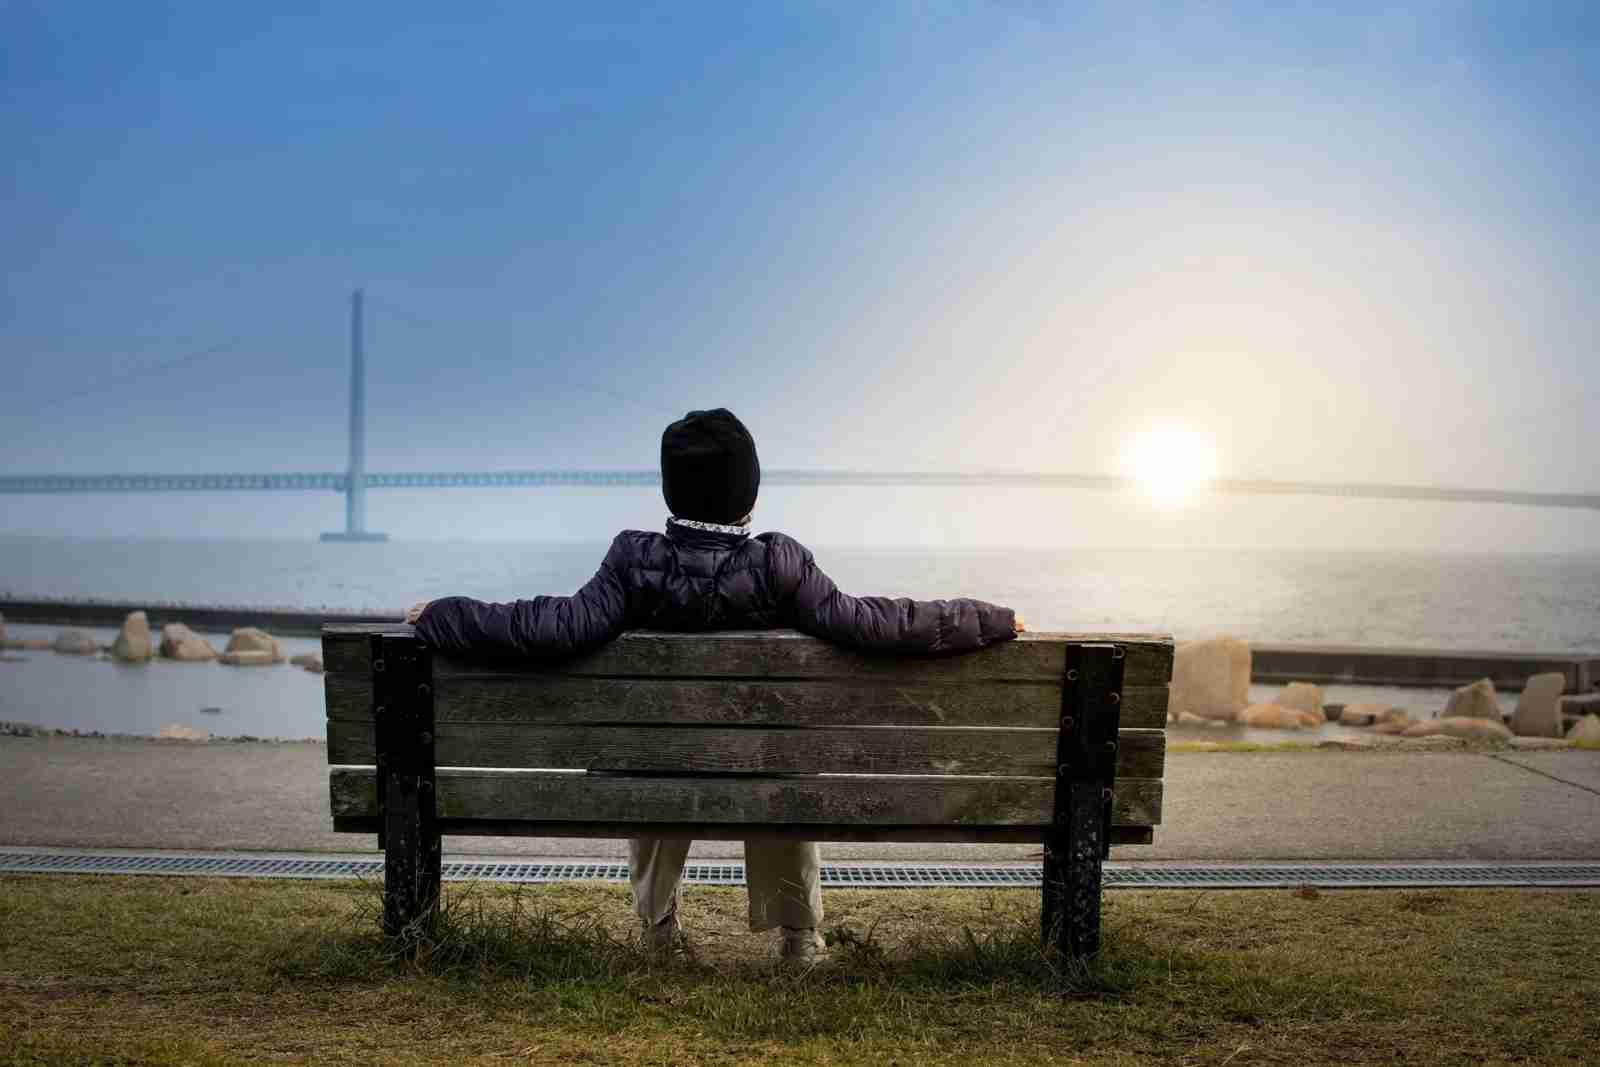 Sitting on park bench overlooking bridge over water